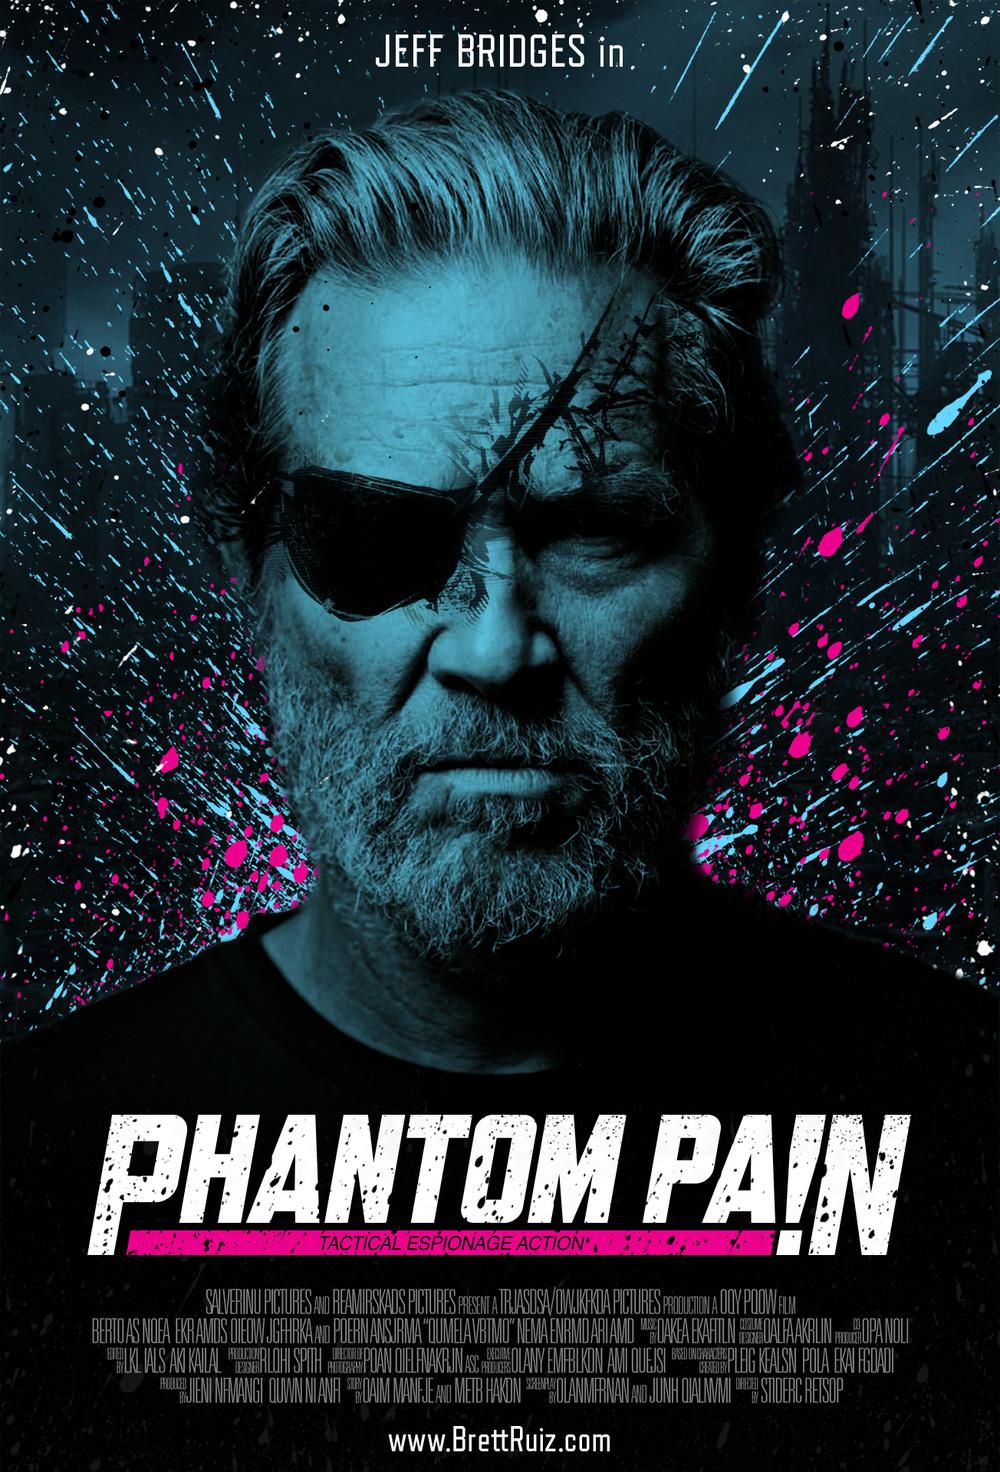 Metal-Gear-Solid-Phantom-Pain-Movie-Brett-Ruiz-1.jpg